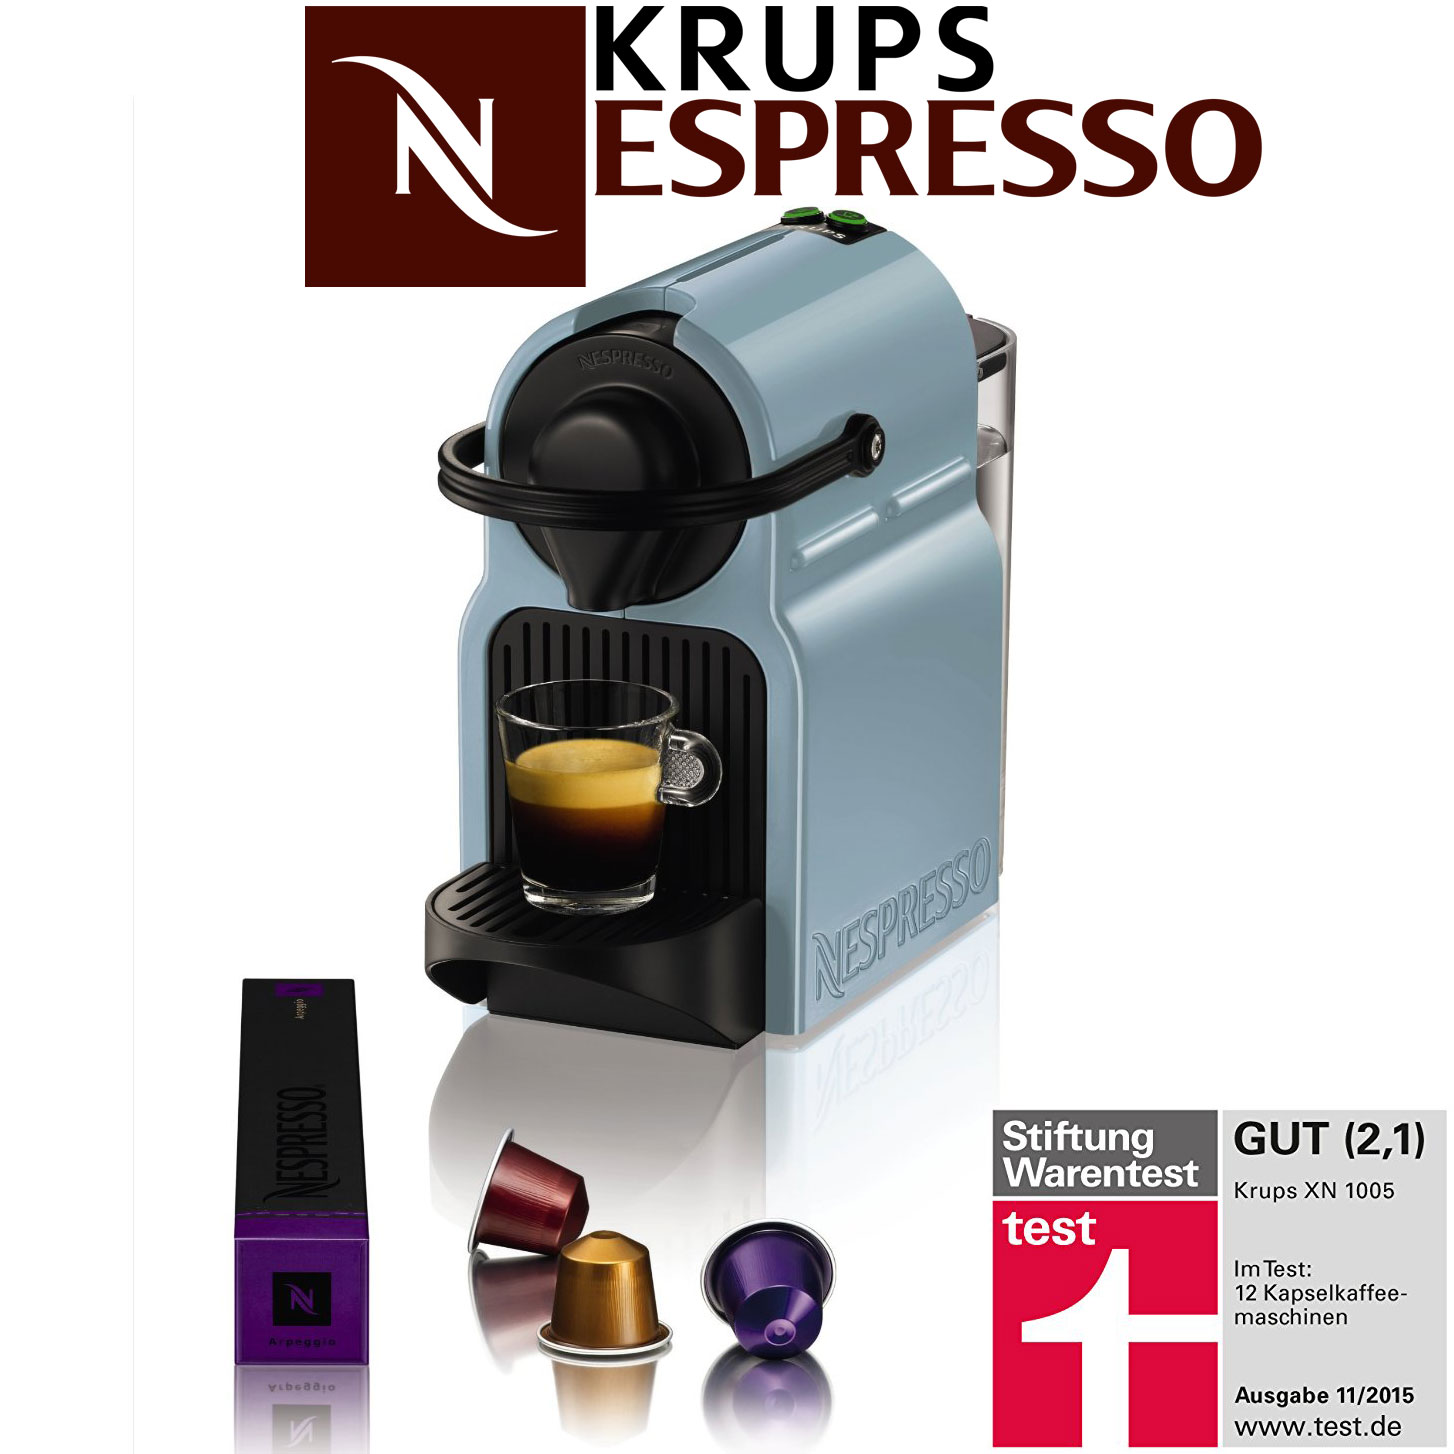 krups nespresso kaffee caf kapsel maschine inissia 19 bar himmelblau neu ovp ebay. Black Bedroom Furniture Sets. Home Design Ideas